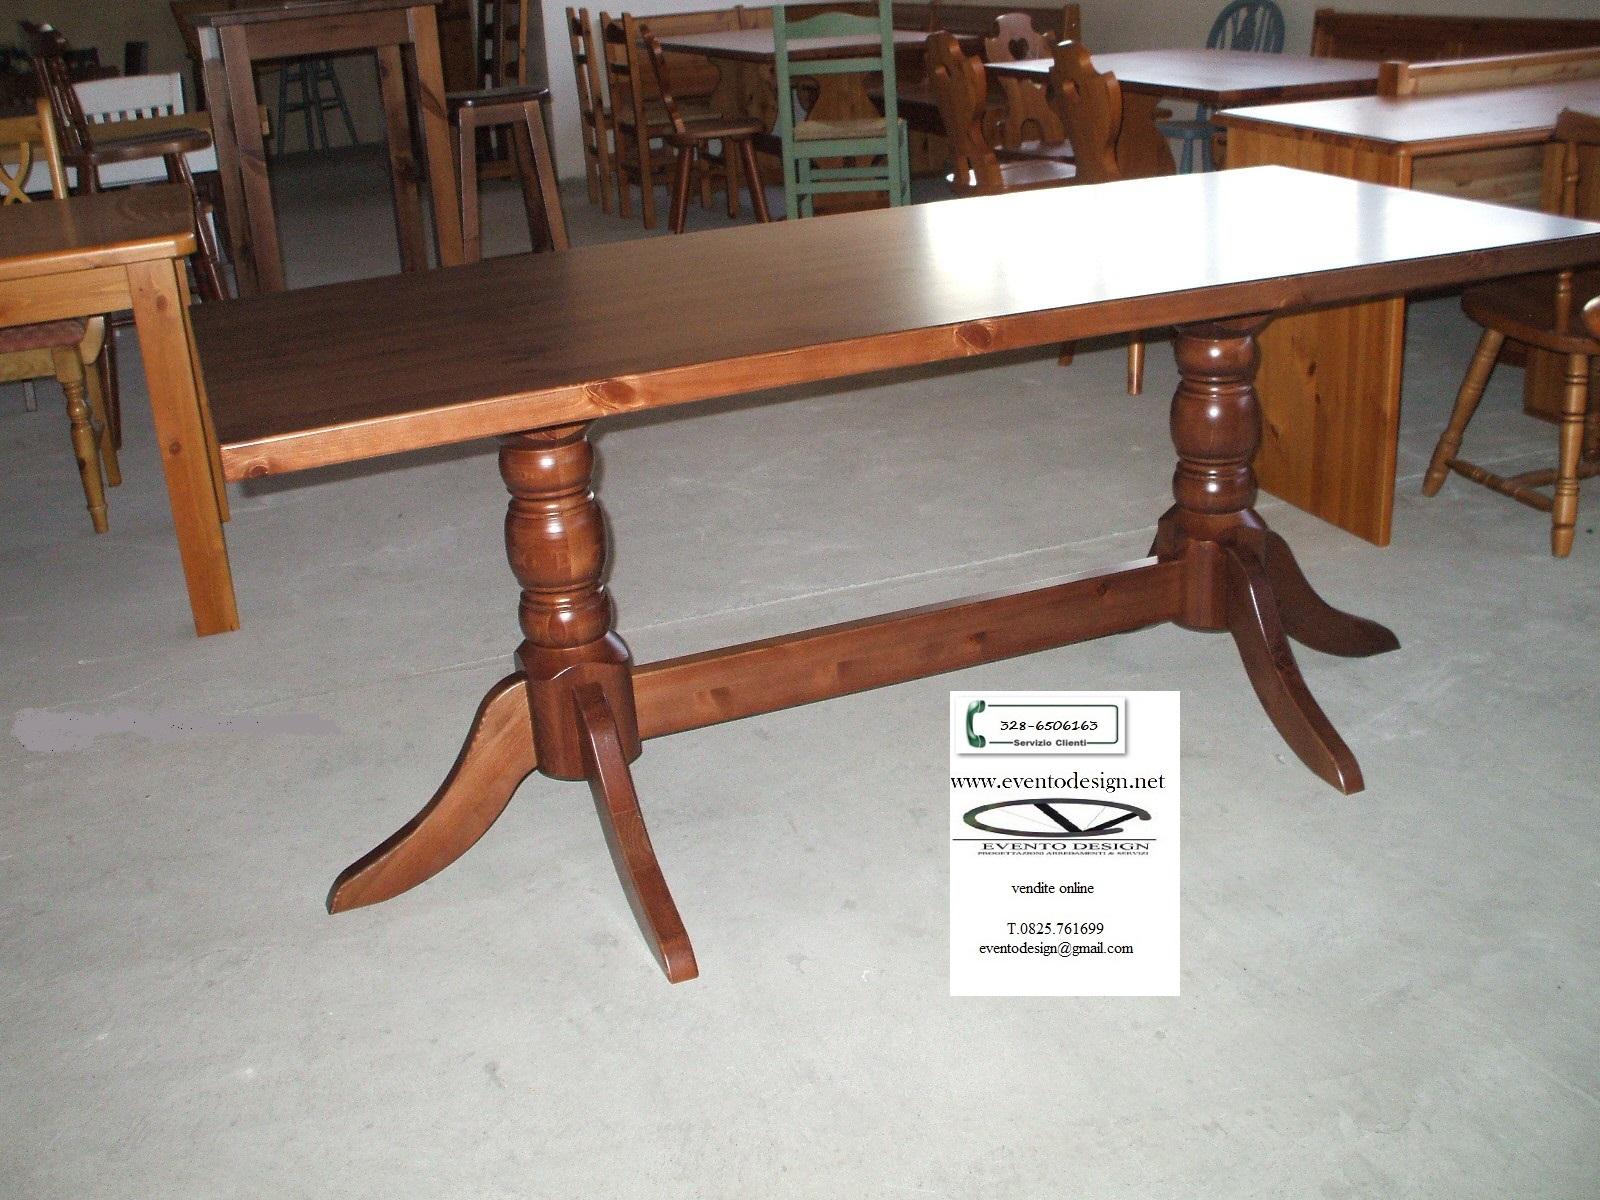 Tavoli in legno per ristorazione pub food e bar sgabello legno da pub sgabelli da pub roma - Canne usate per realizzare sedie e tavoli ...